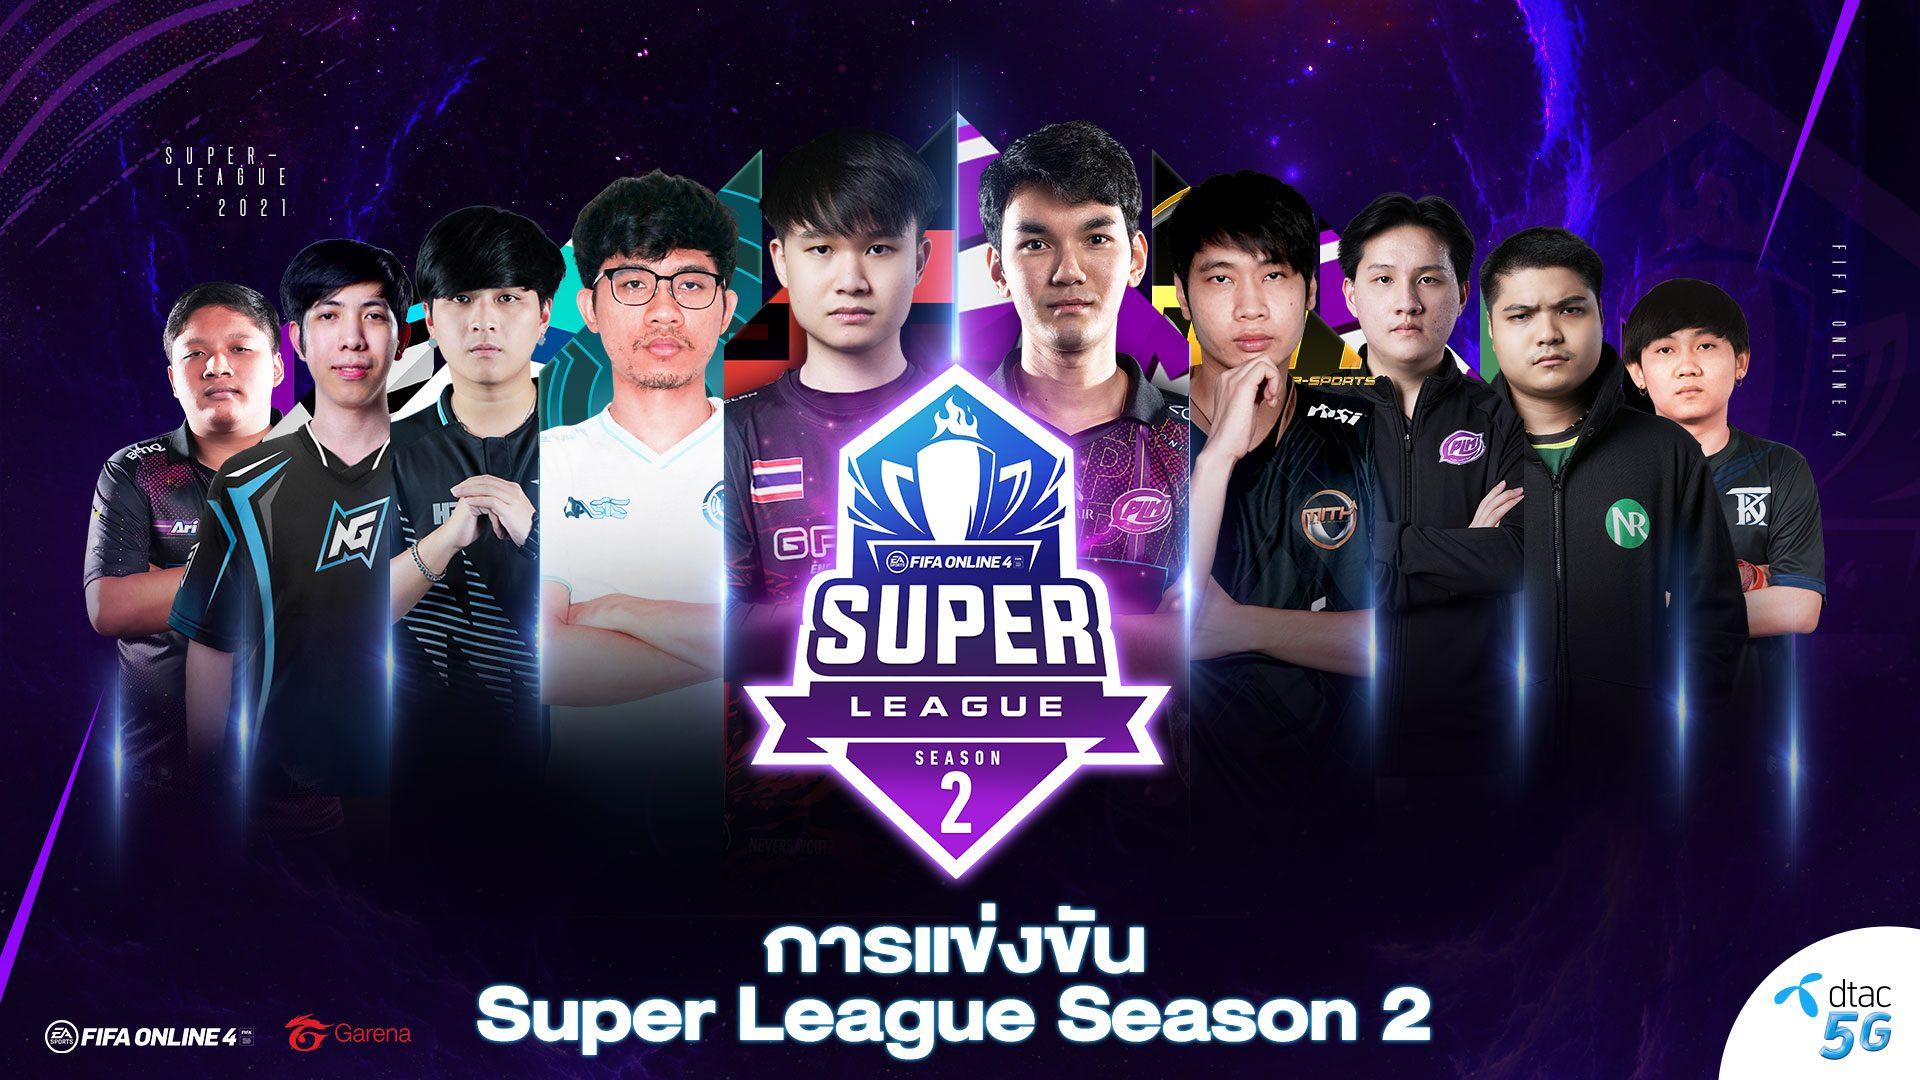 การแข่งขัน Super League Season 2